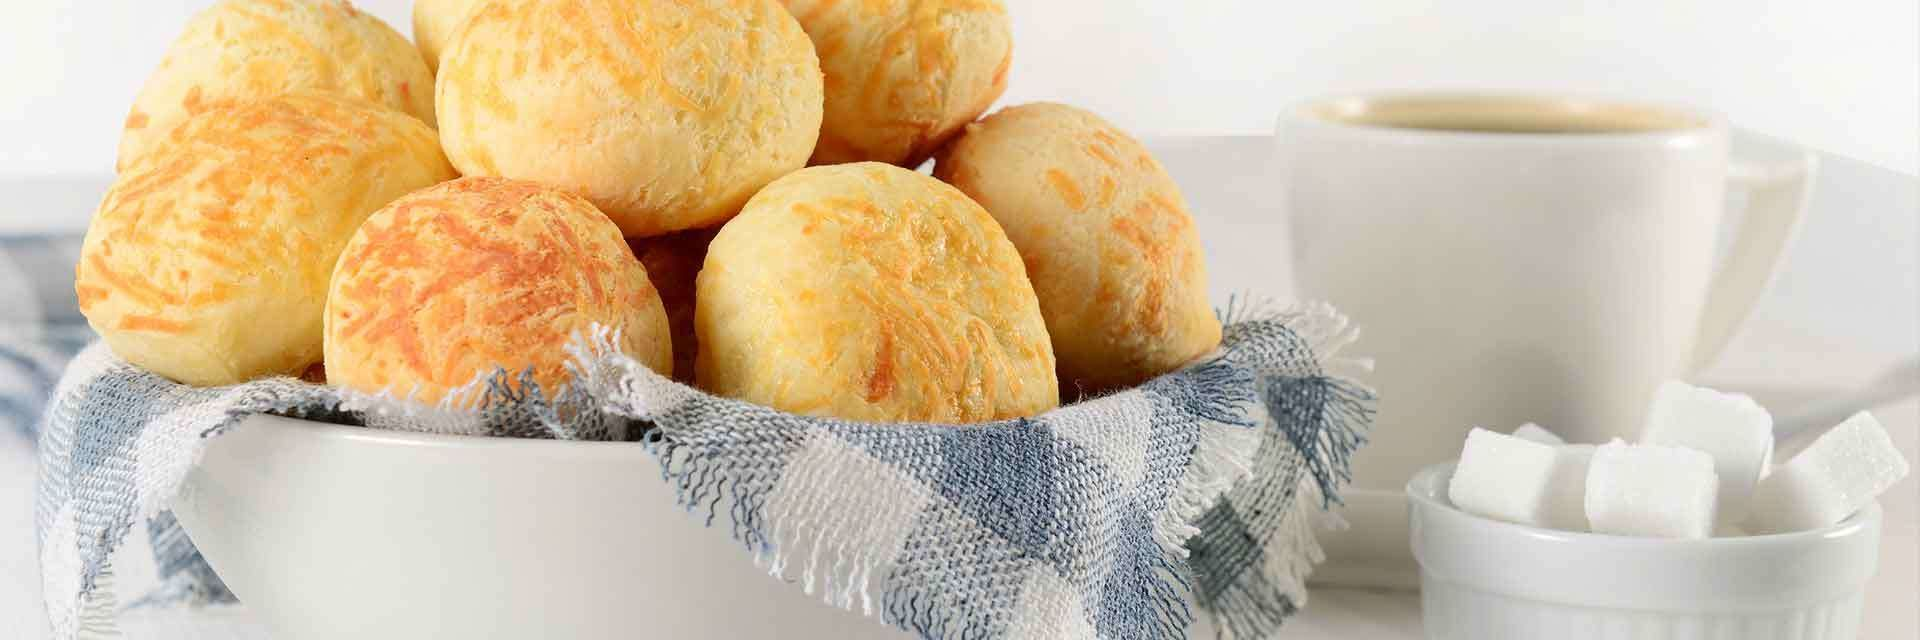 Po de queijo  Confira a receita  Amo KitchenAid